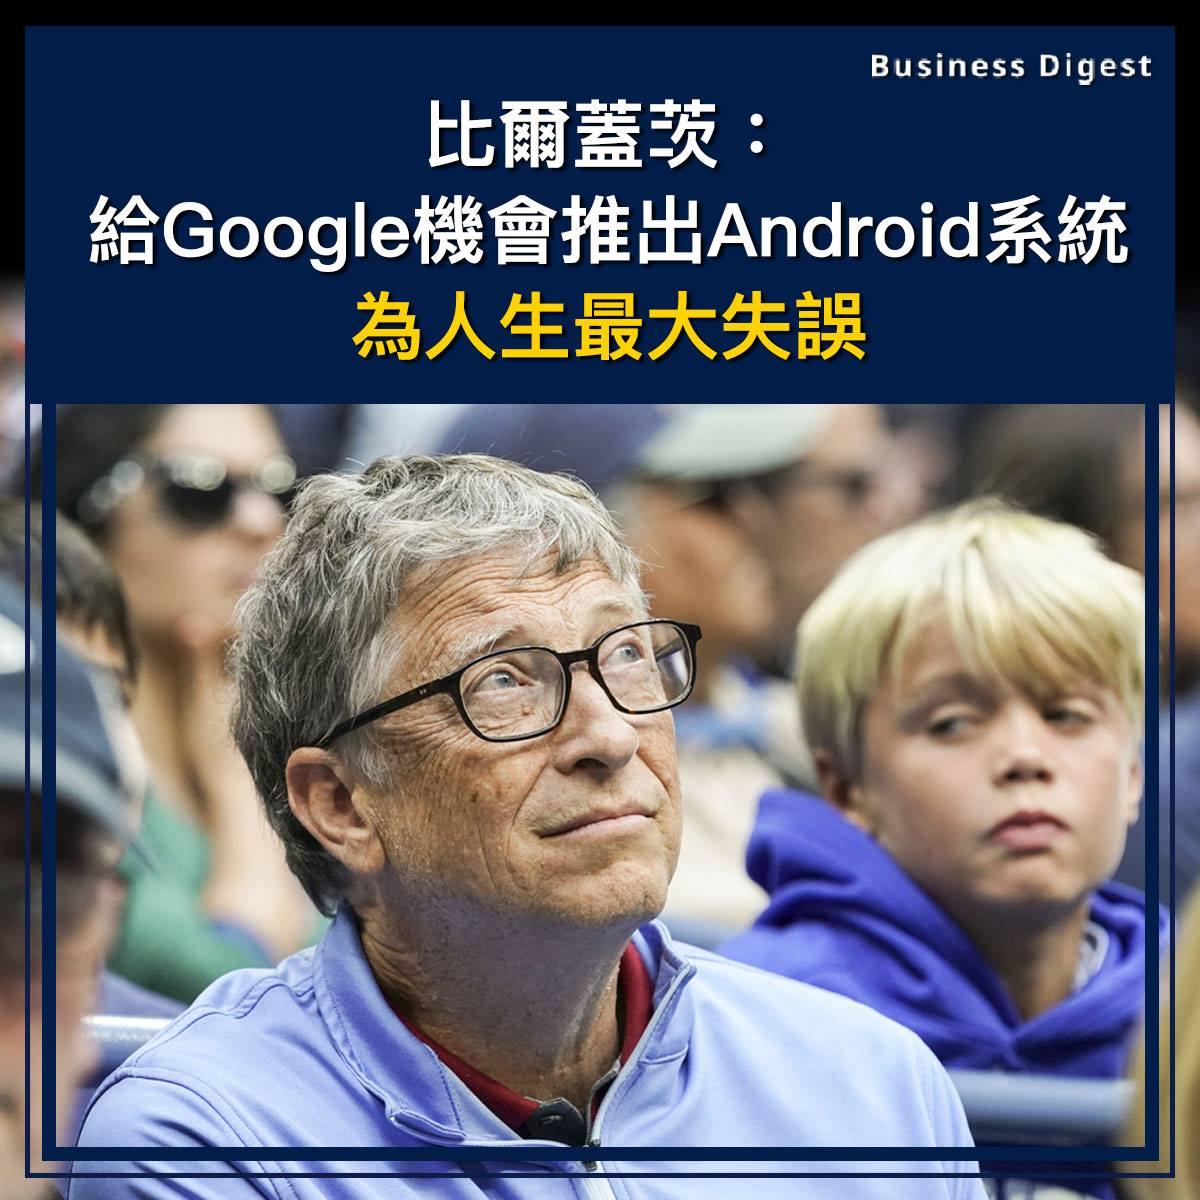 【商業熱話】微軟最大的敗仗,是敗給Google